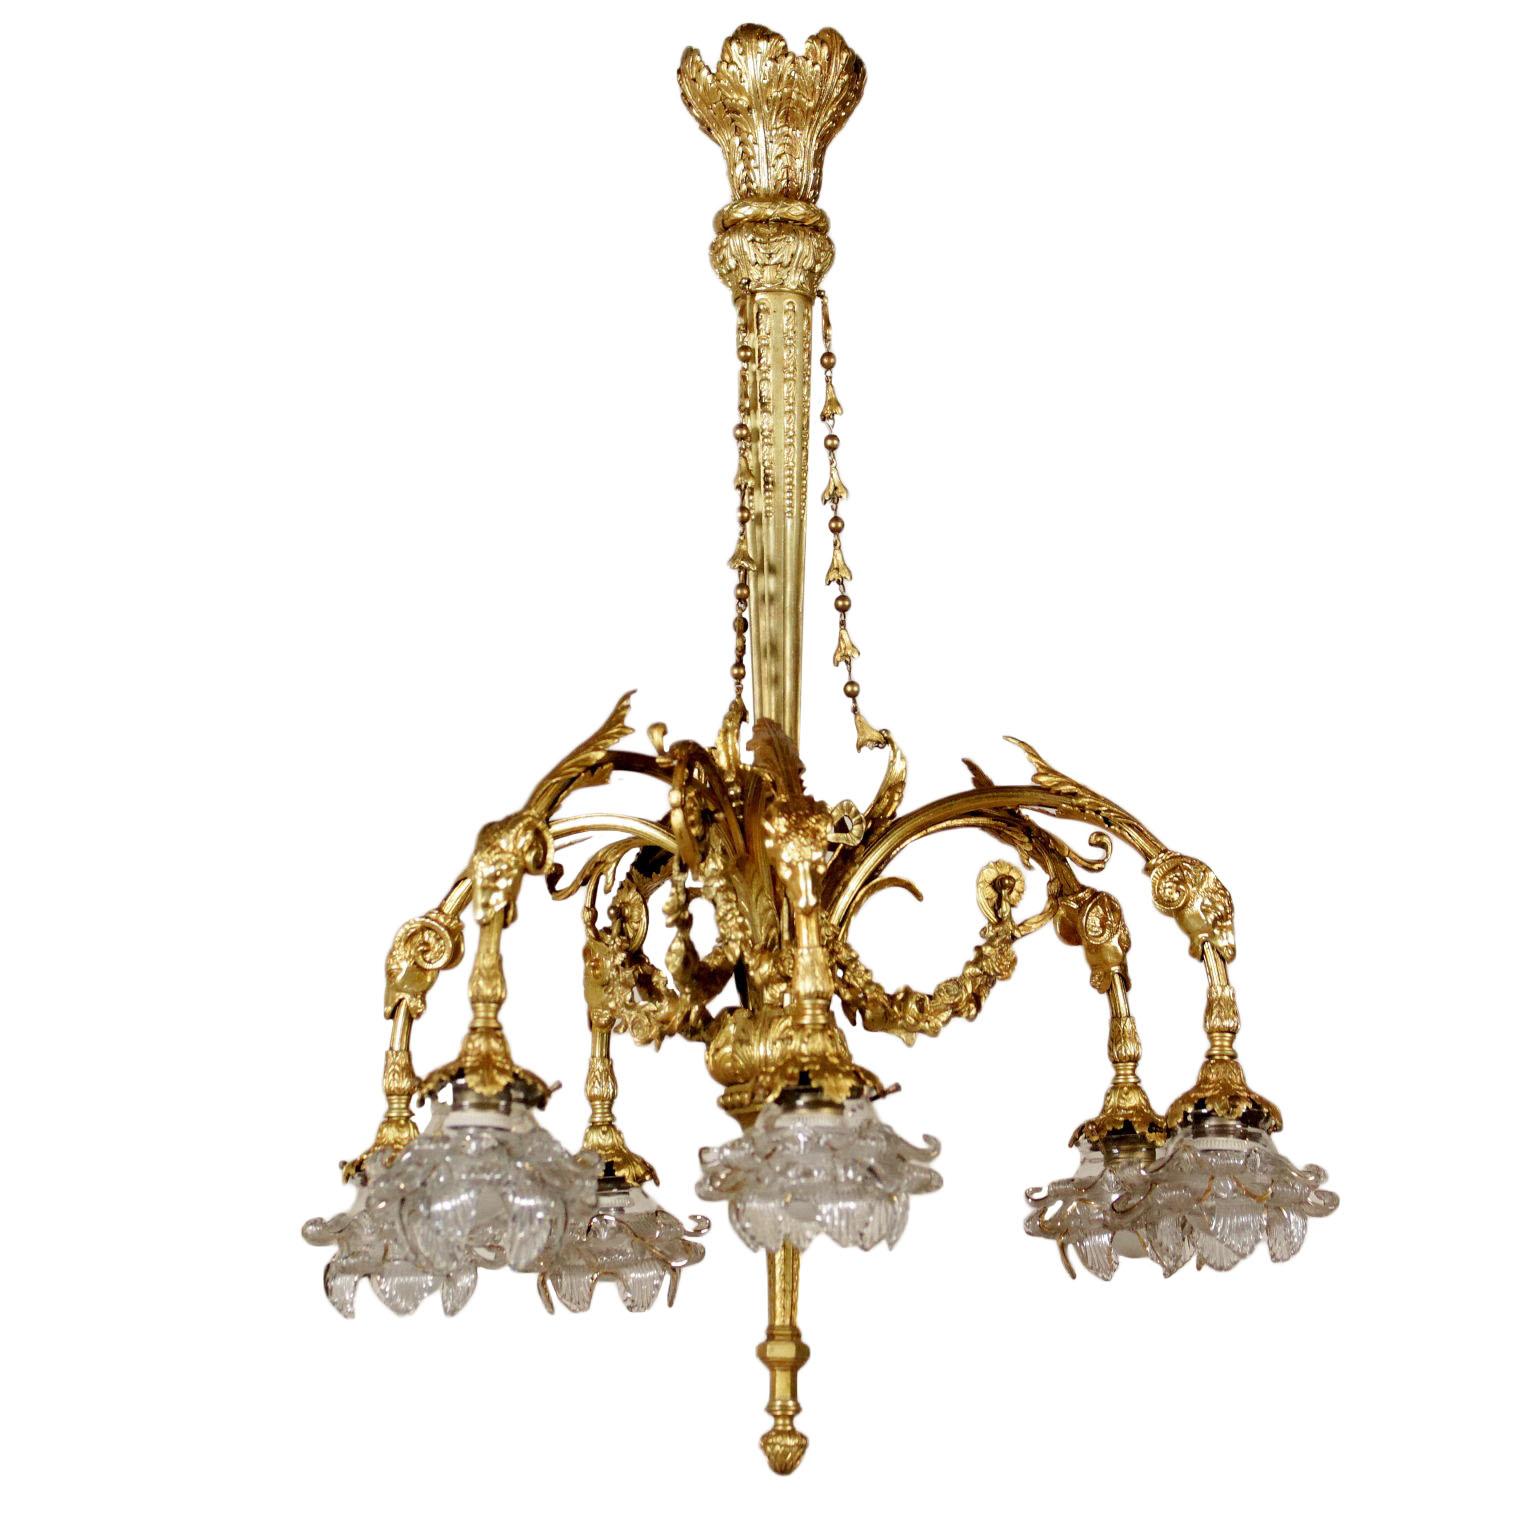 Uberlegen Kronleuchter Aus Vergoldeter Bronze